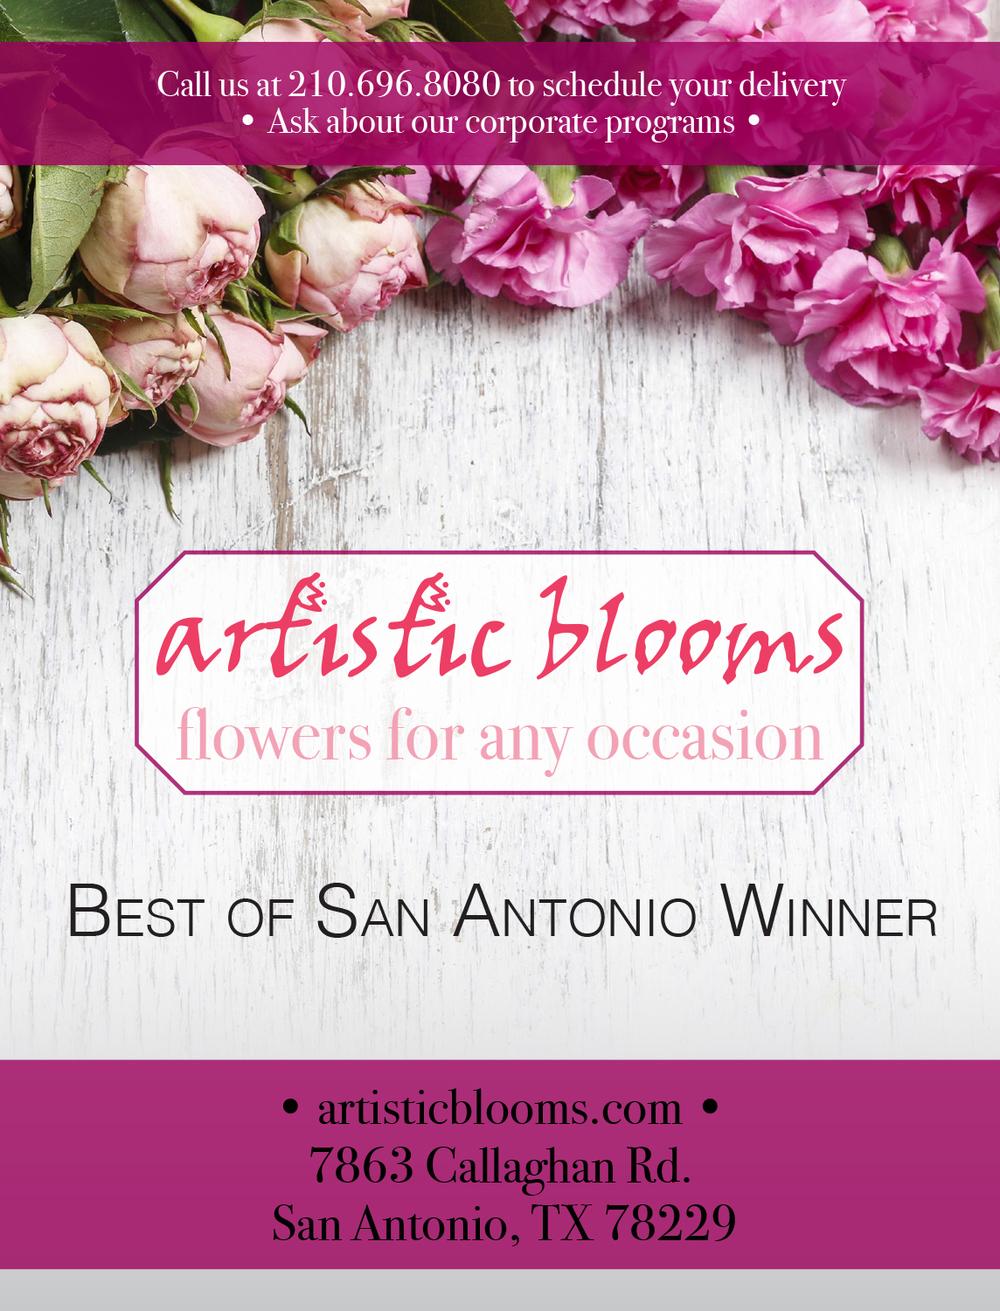 artistic_blooms.jpg